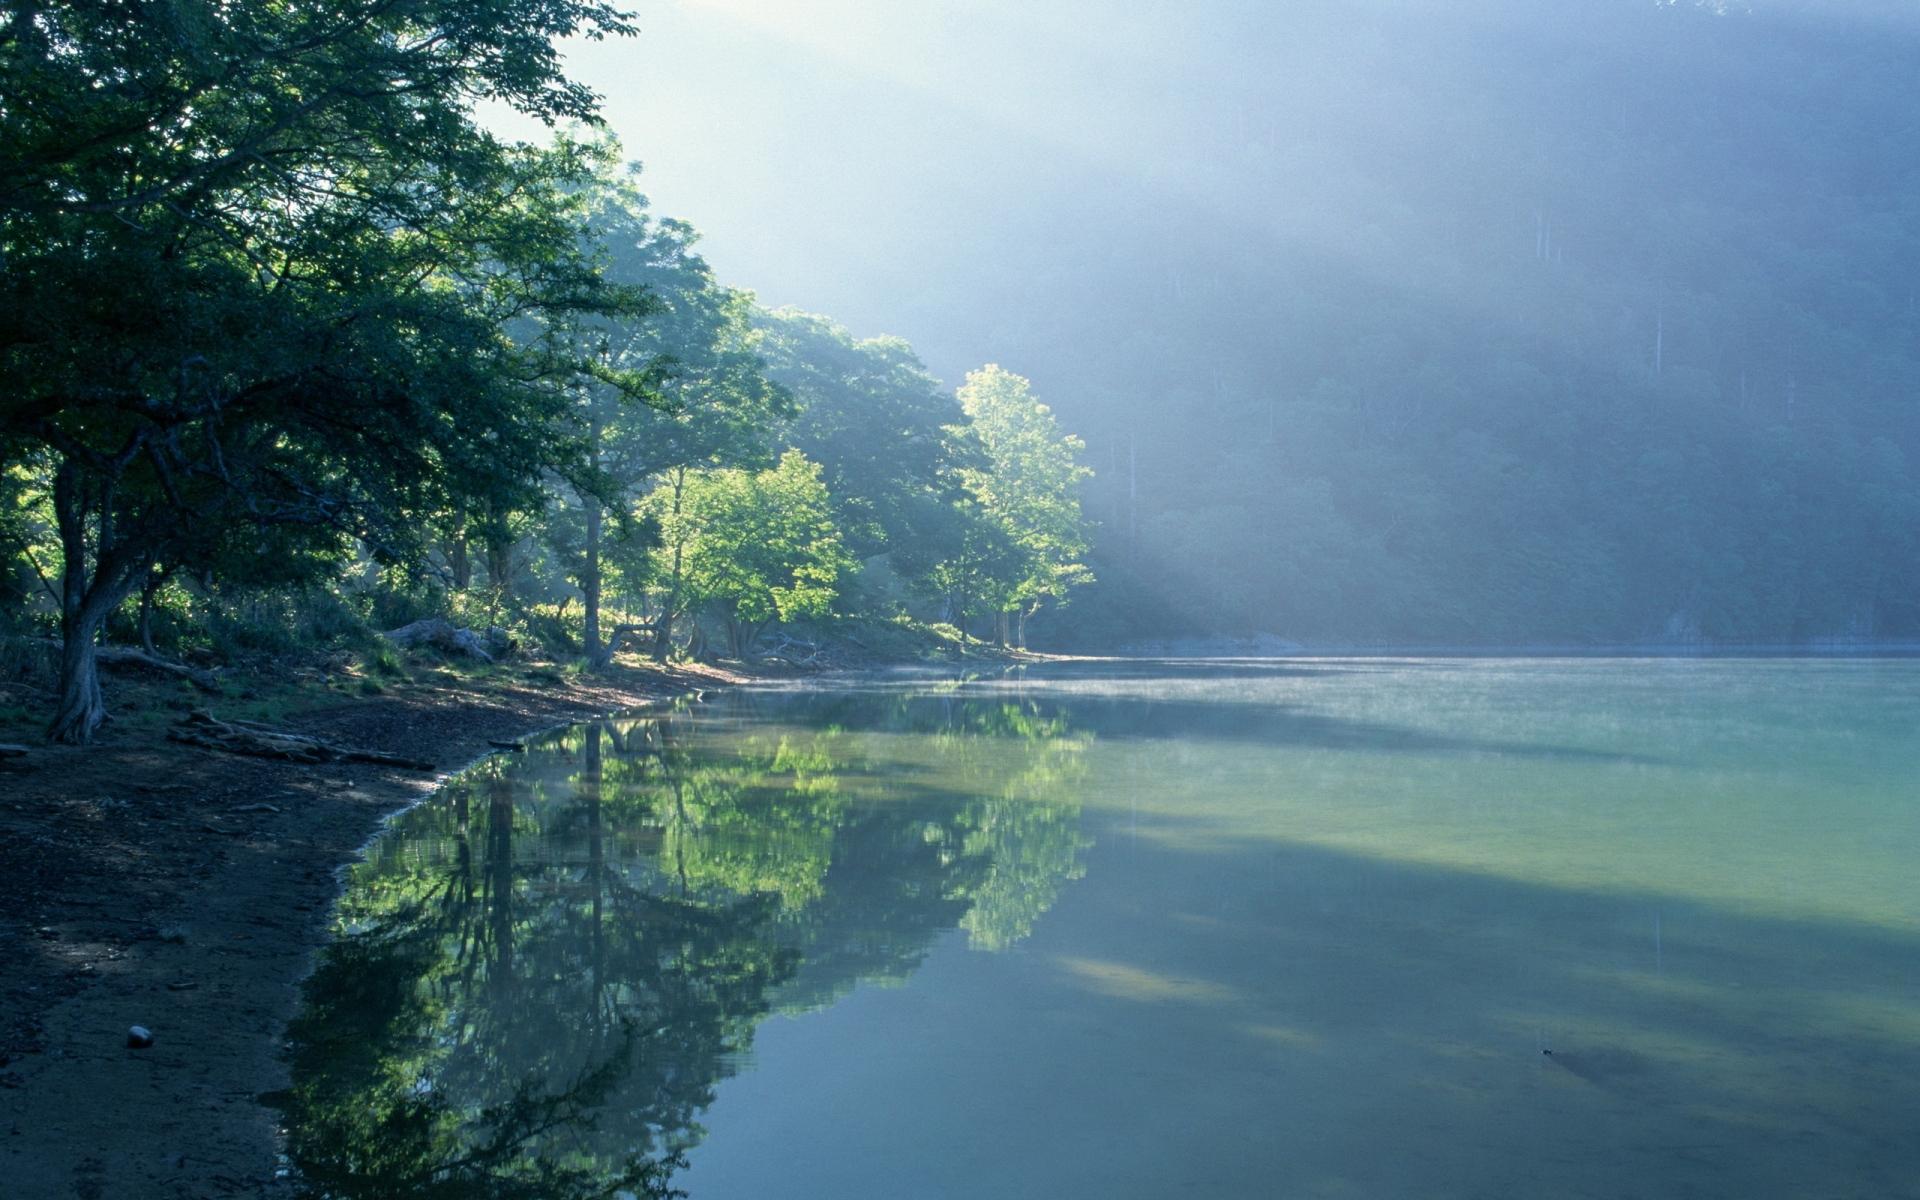 Картинки Берег, деревья, туман, пробуждение, лучи фото и обои на рабочий стол